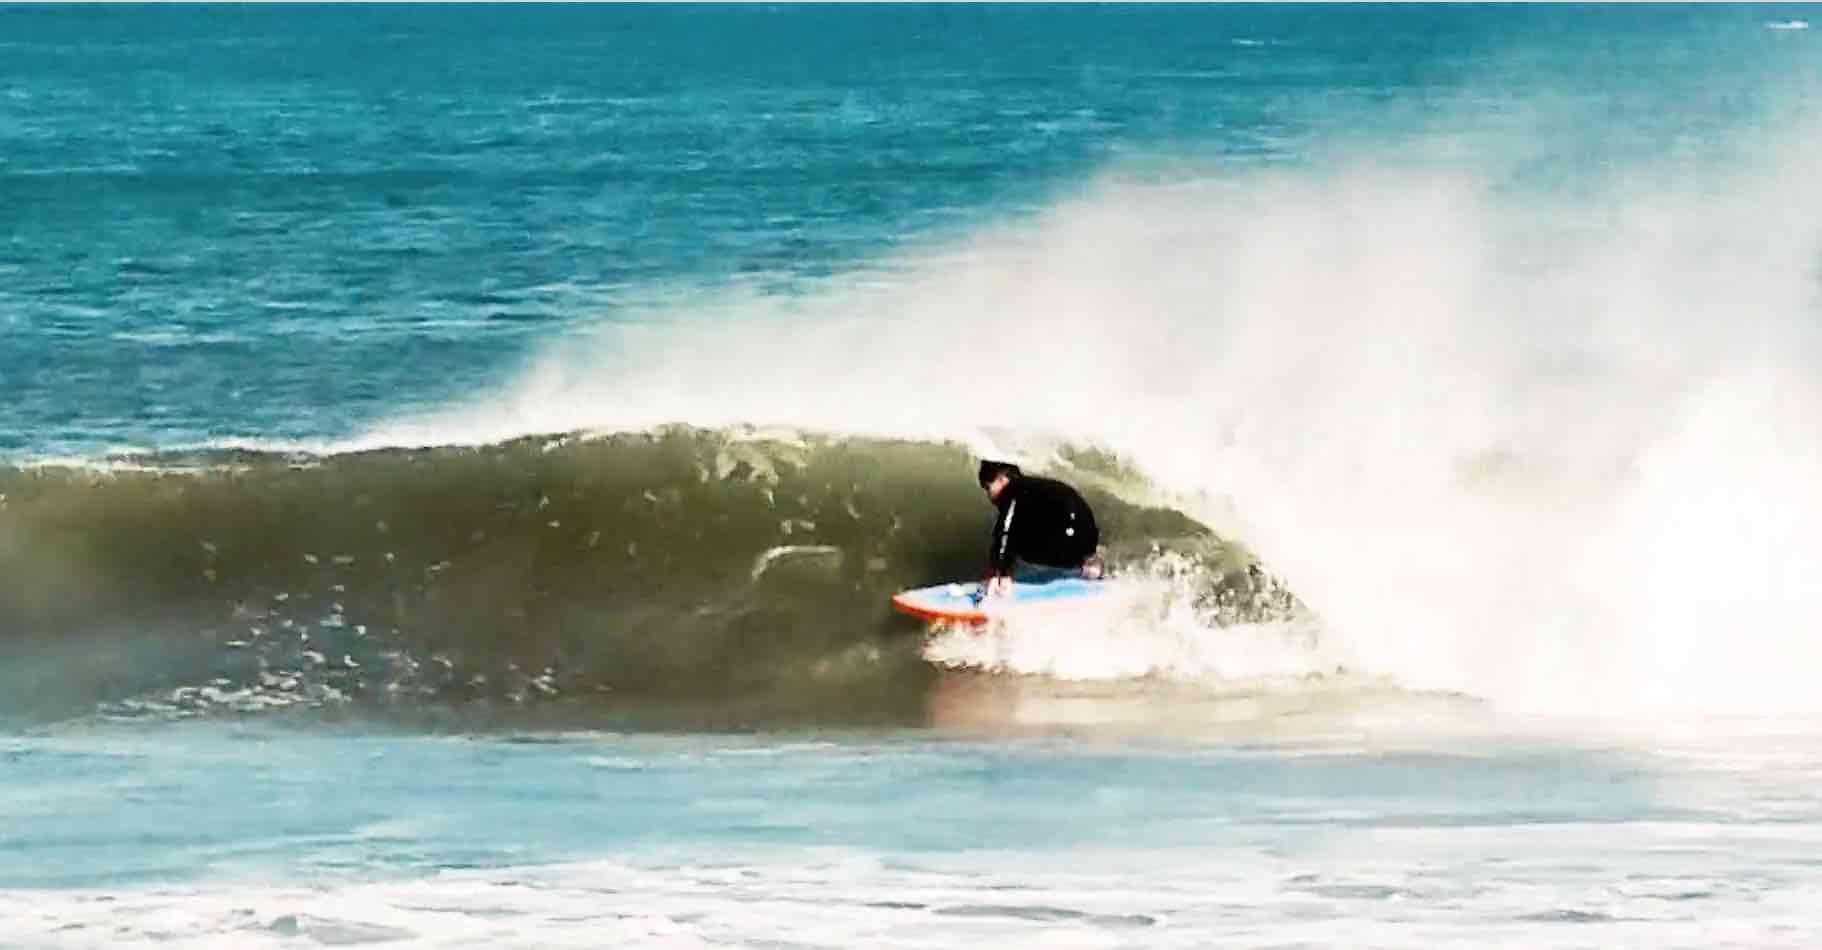 【オルタナティブ】石川拳大によるstpnk surfbaordsのレトロツイン・セッションも収録! シェイパーGriffin Stepanek来日ツアー2020